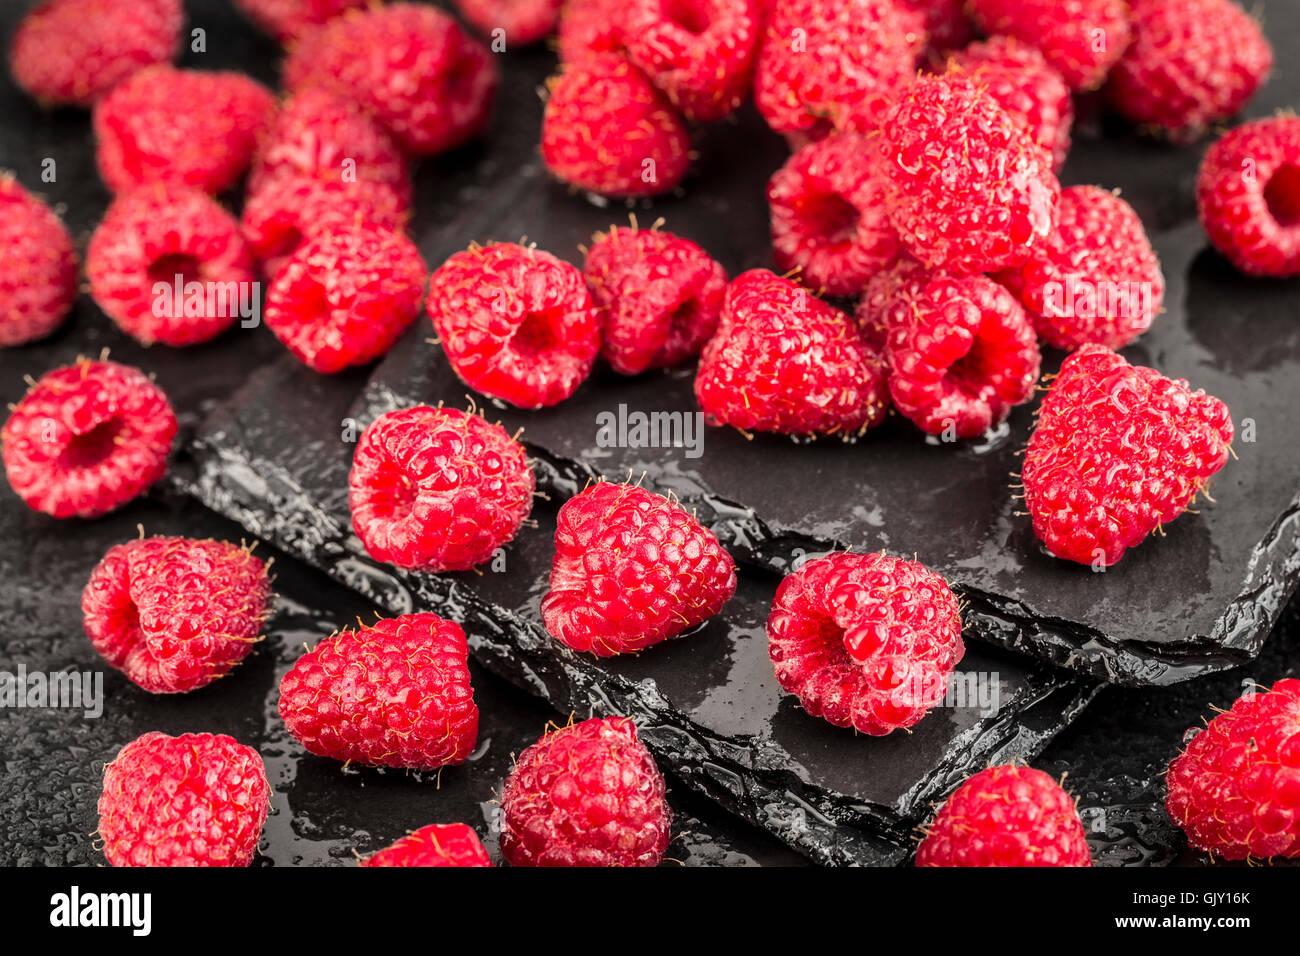 Nassen roten Himbeeren auf schwarzem Schiefer Hintergrund Stockbild